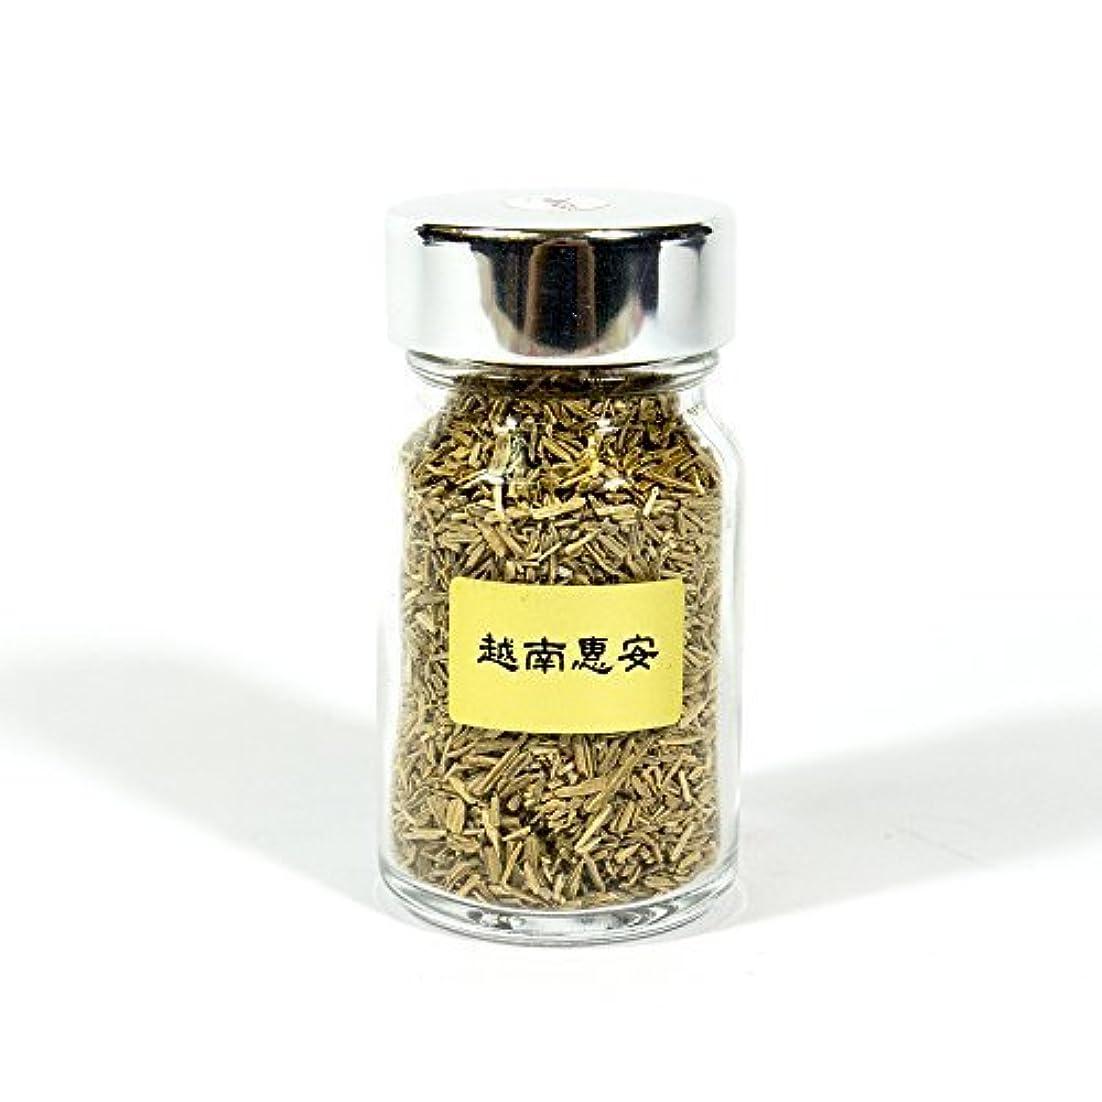 マニュアル有毒示すAgarwood Aloeswood Oud Chip Scrap Vietnam Hoi-An 10g Cultivated Suitable for Electric Burner by IncenseHouse -...